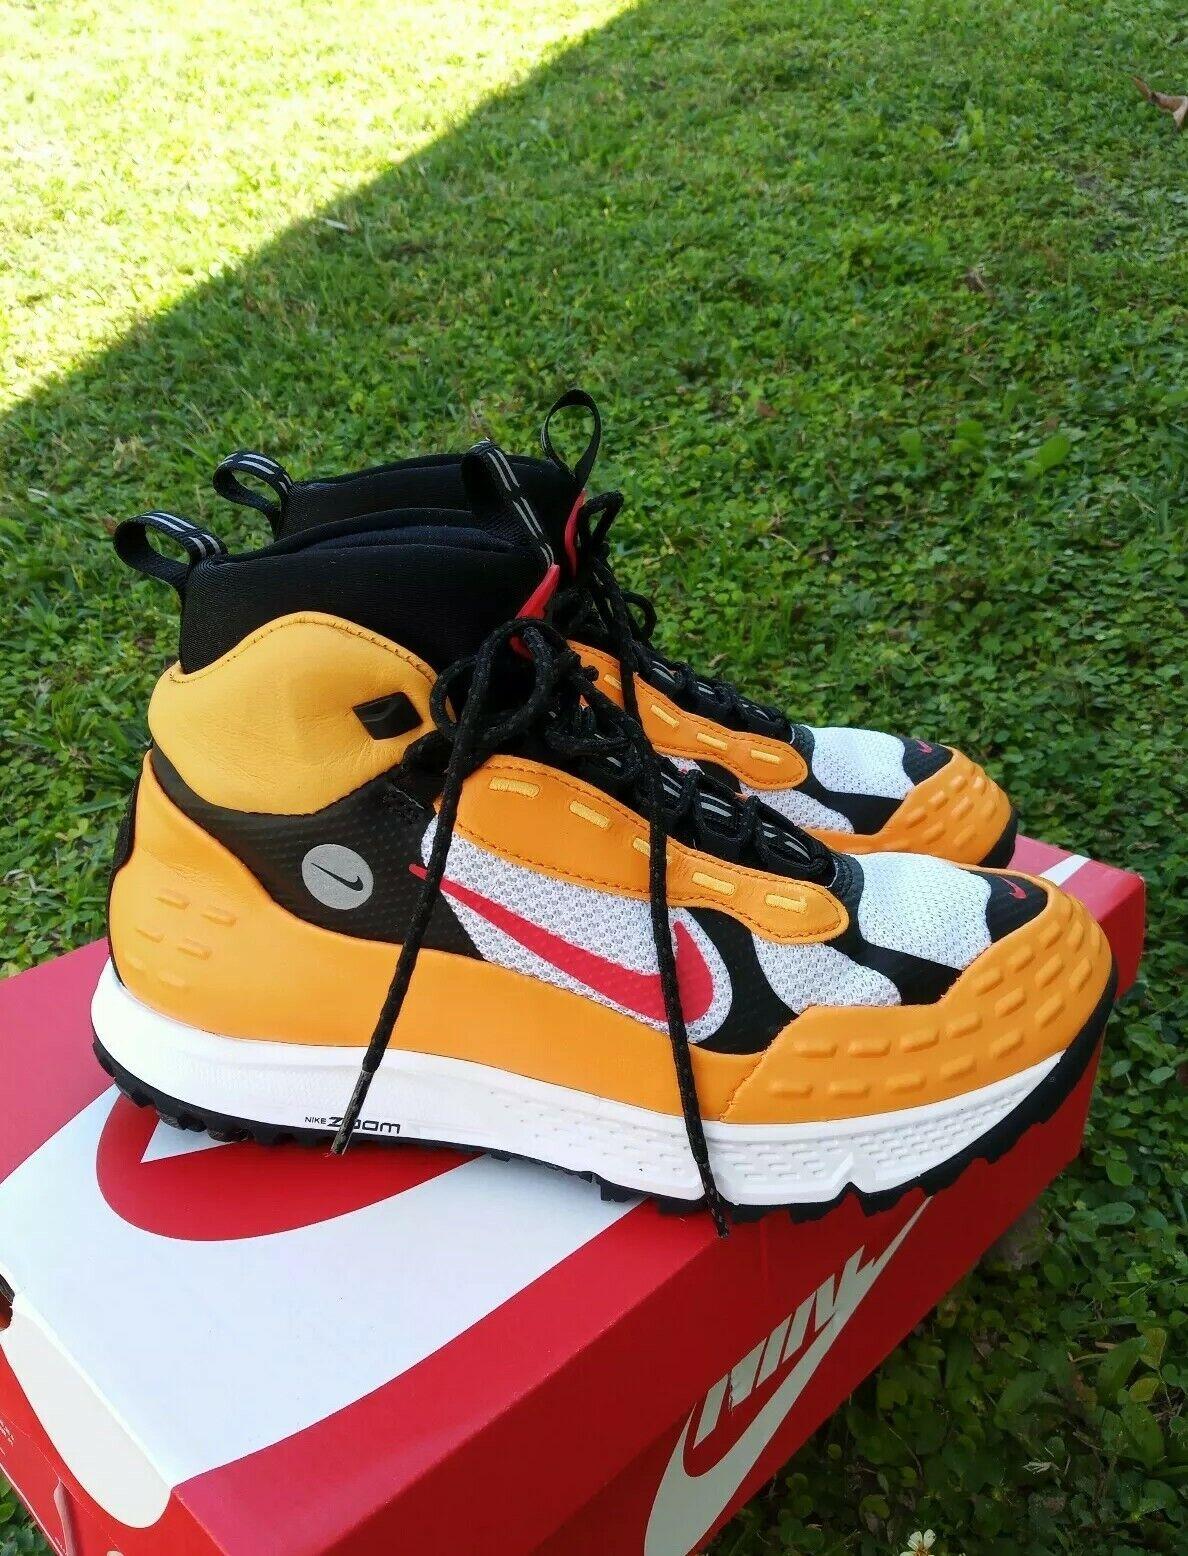 9 uomo Nike Air Zoom Terra Sertig Sertig Sertig 16 Hiking scarpe Taxi rosso 904335 700 giallo f705d7